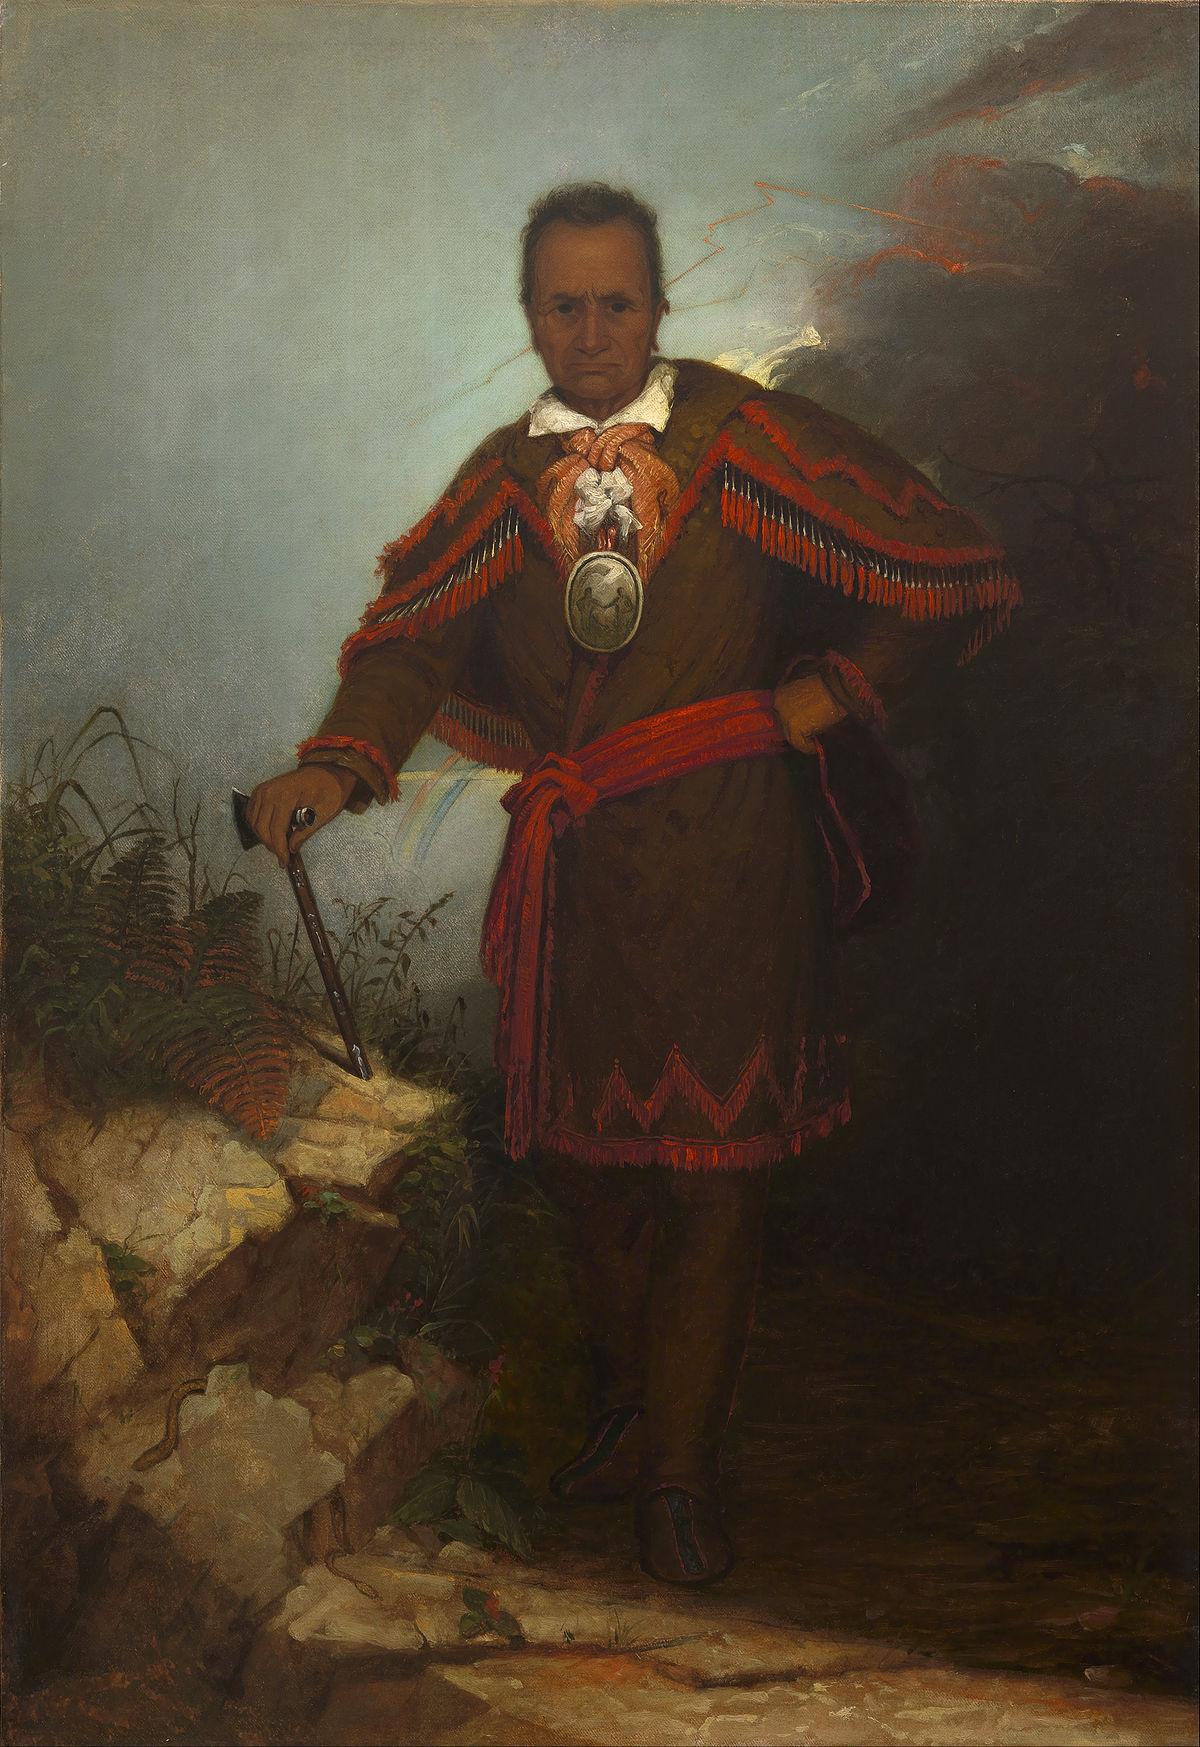 Thomas Hicks Painter Wikipedia